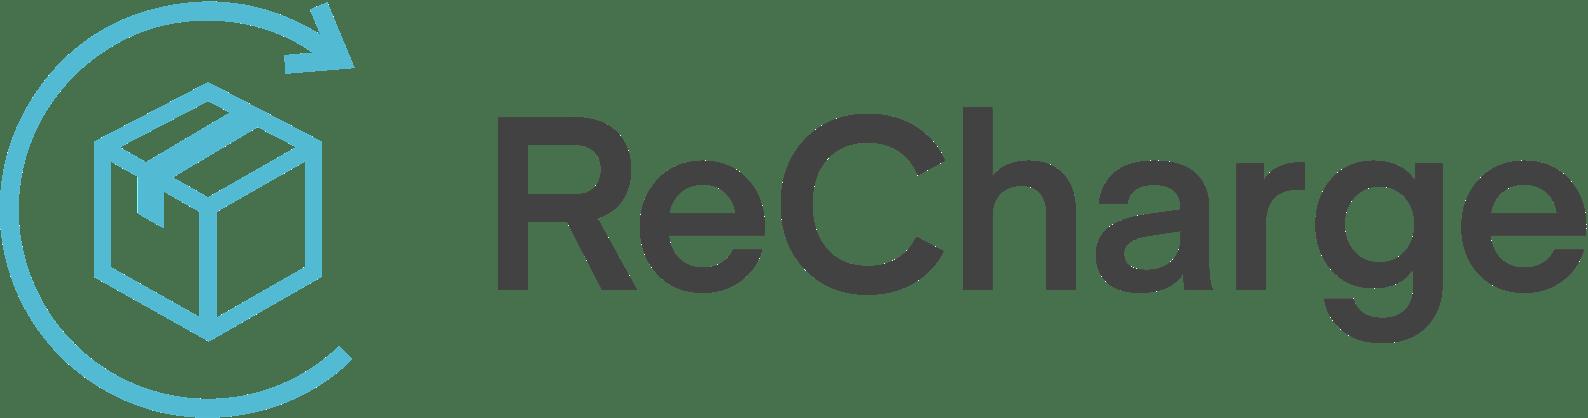 Klaviyo Cartloop Integration